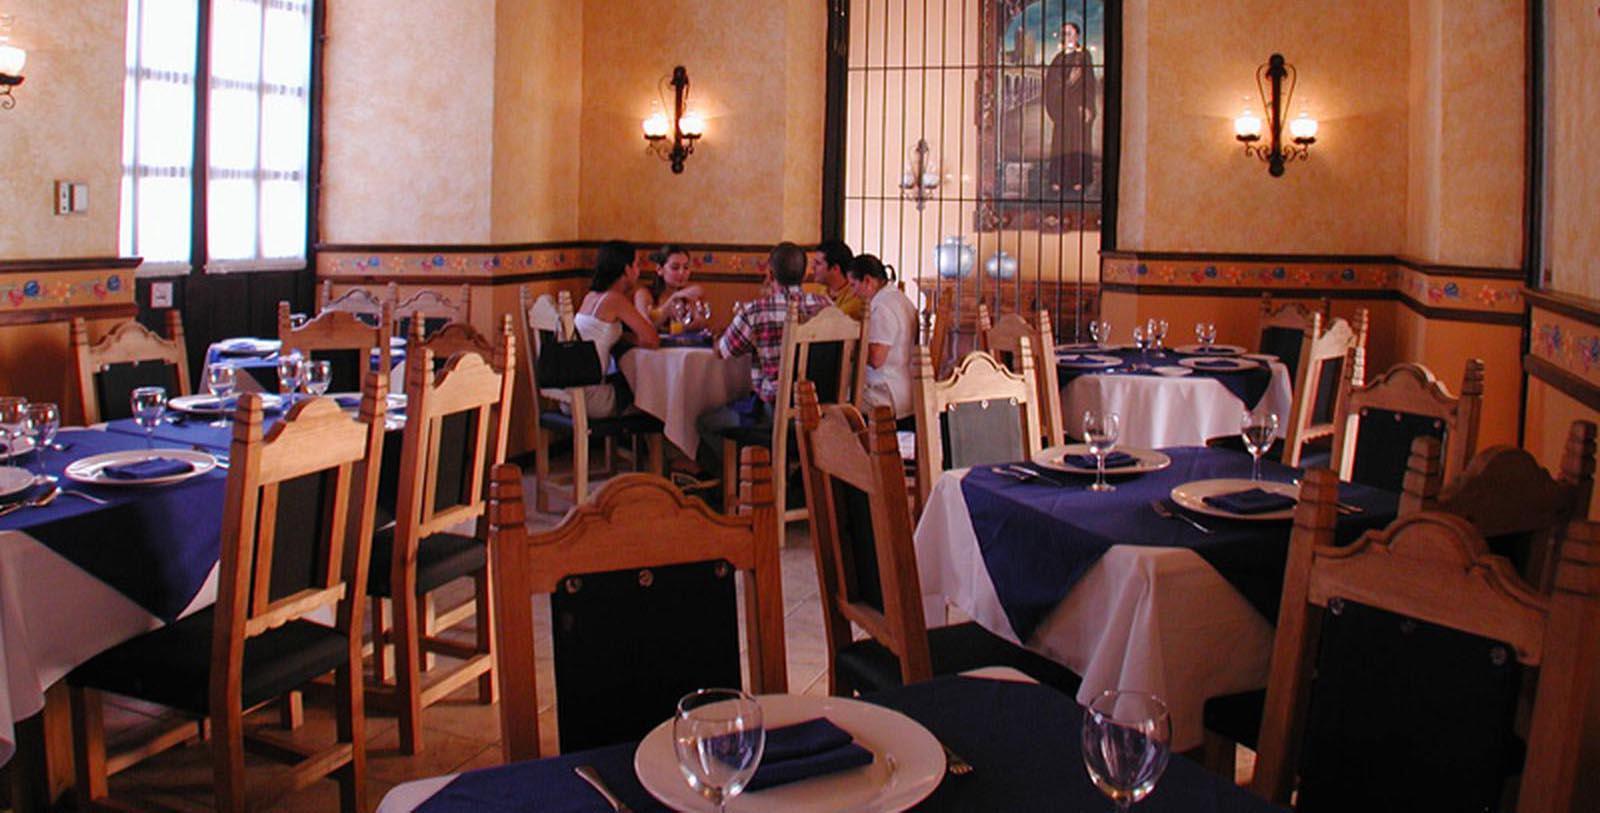 Image Dining Area La Misión de Fray Diego, 1867, Member of Historic Hotels Worldwide, in Merida, Mexico, Taste